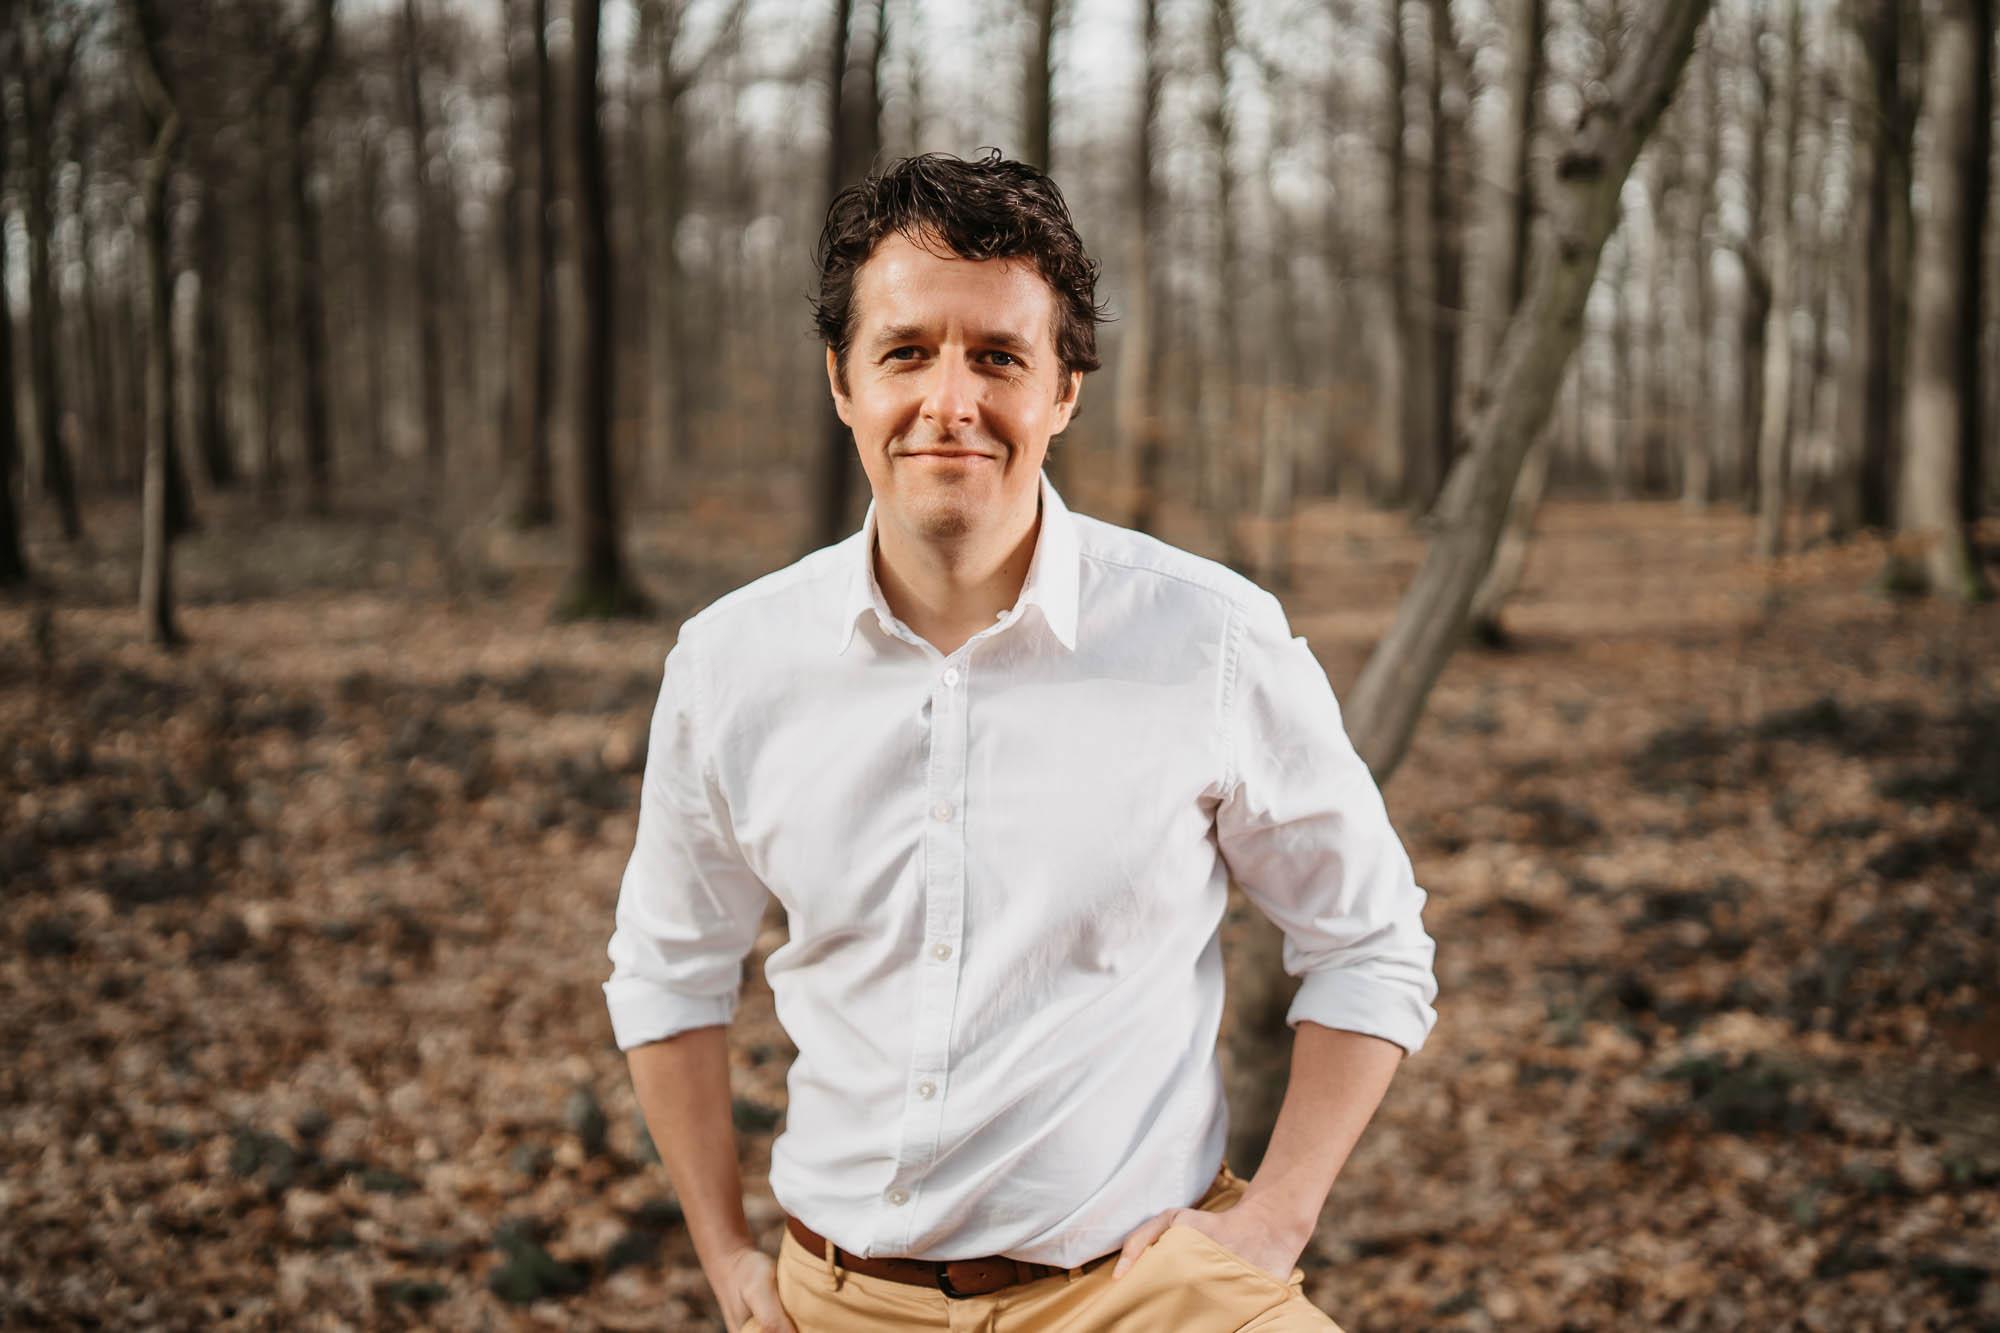 Timm Steuber - Portrait